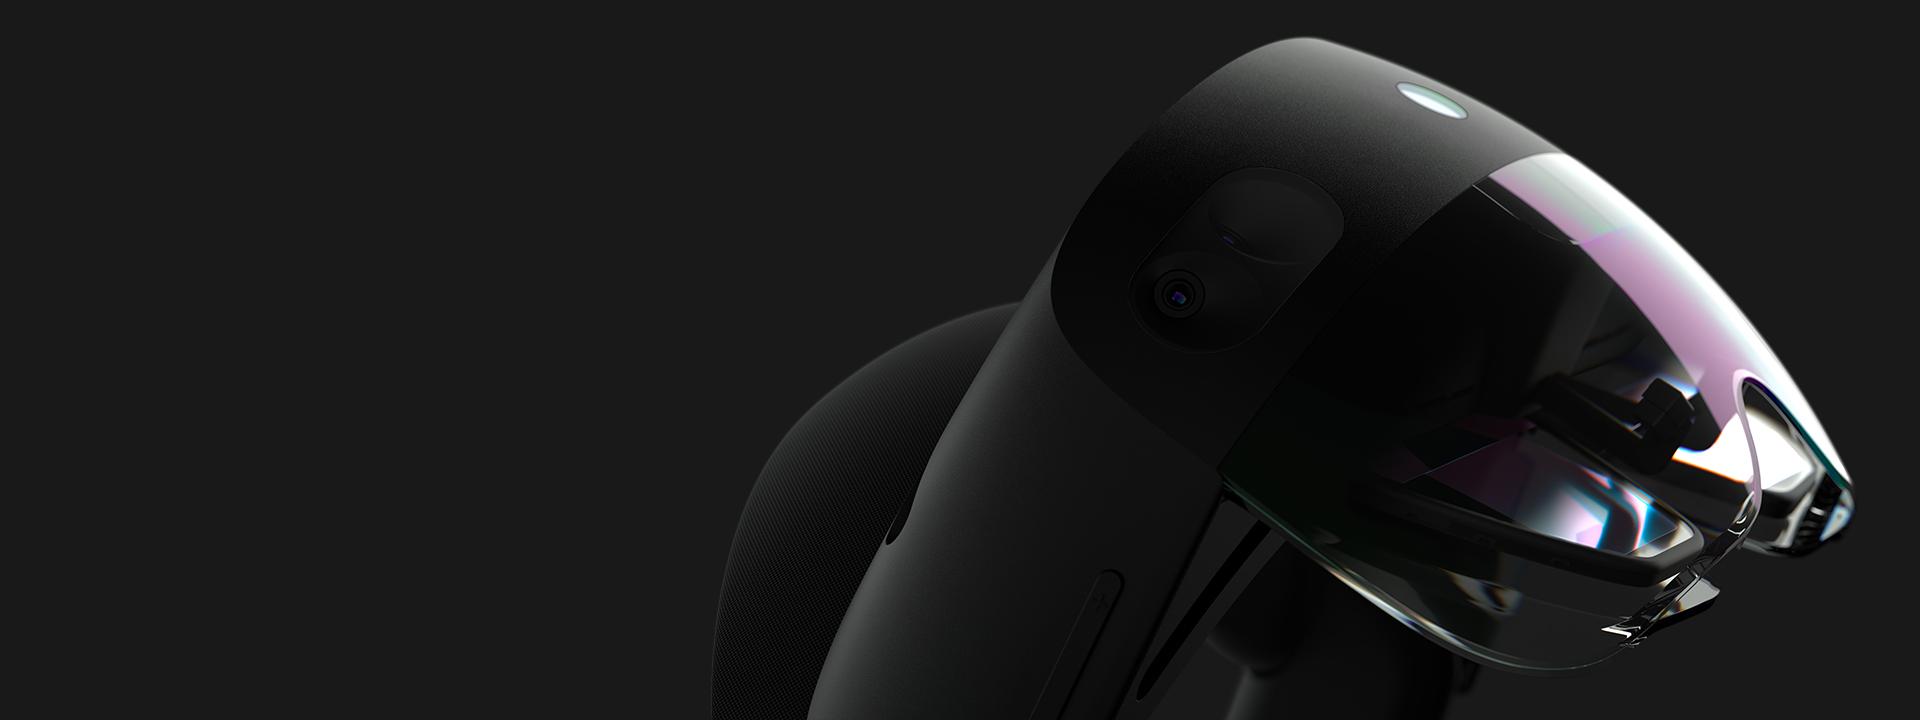 Hololens on black background